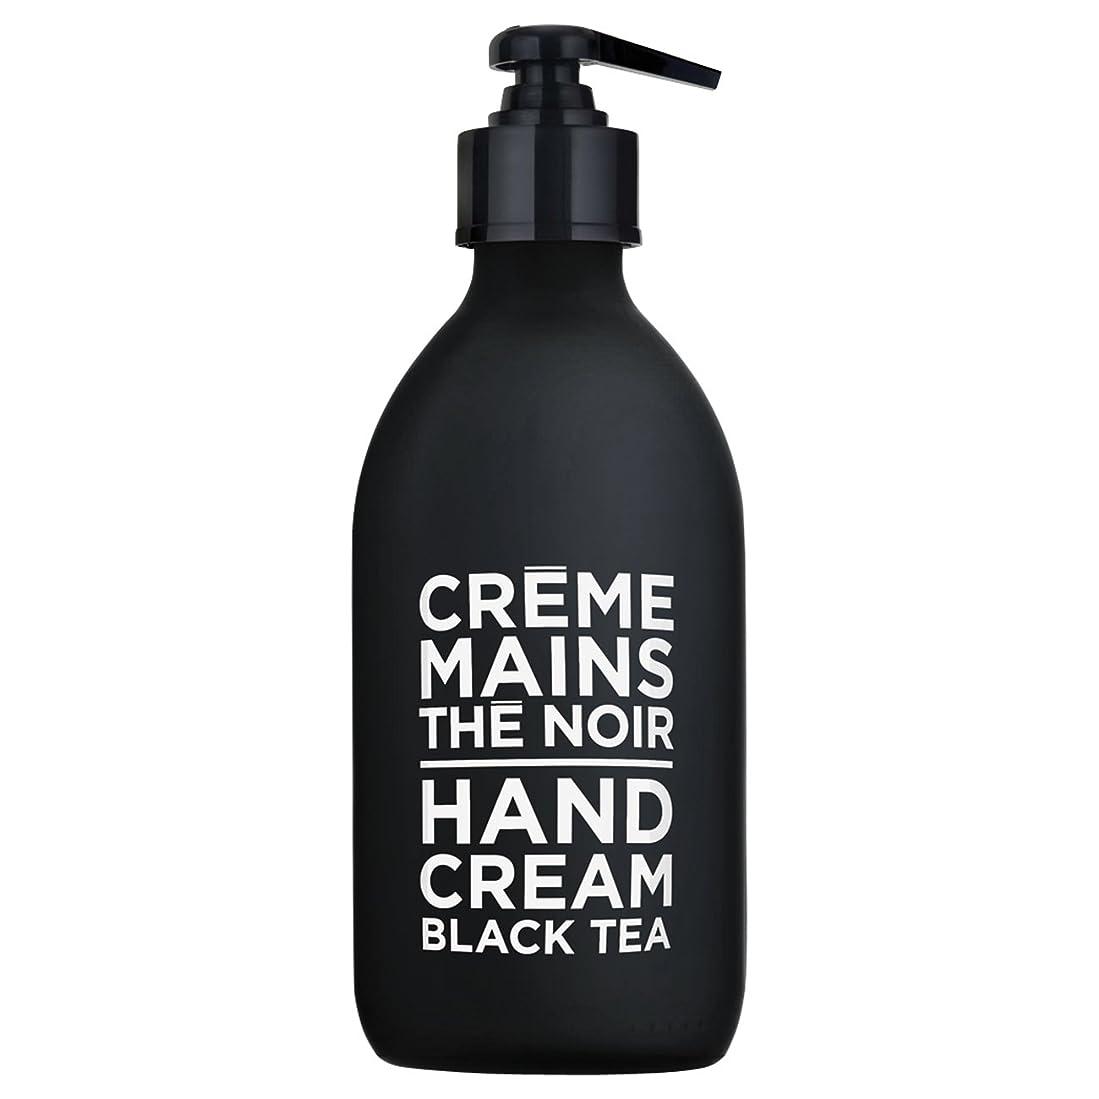 ミトン魔術師万一に備えてカンパニードプロバンス ブラック&ホワイト ハンドクリーム ブラックティー(ブラックティーにフルーティなベリーが調和した穏やかな香り) 300ml